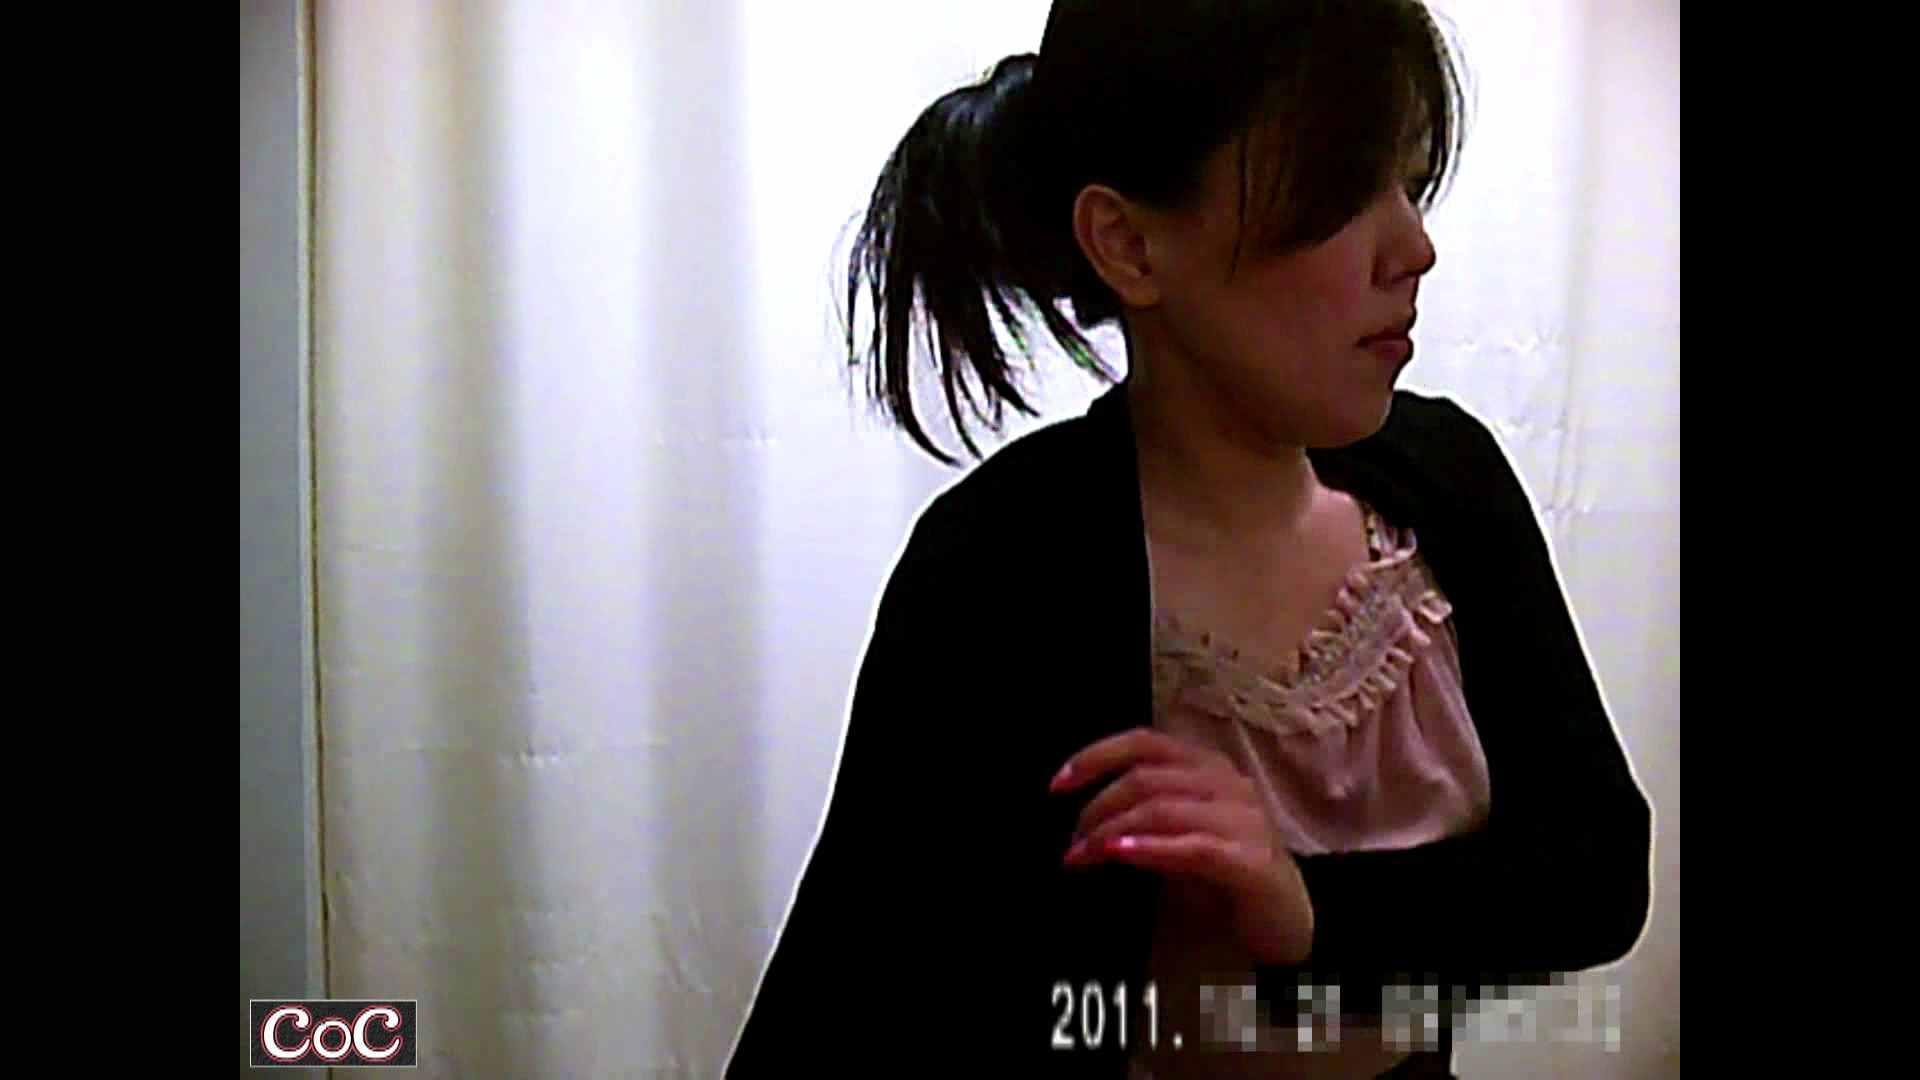 病院おもいっきり着替え! vol.67 盗撮 AV無料 91PICs 30